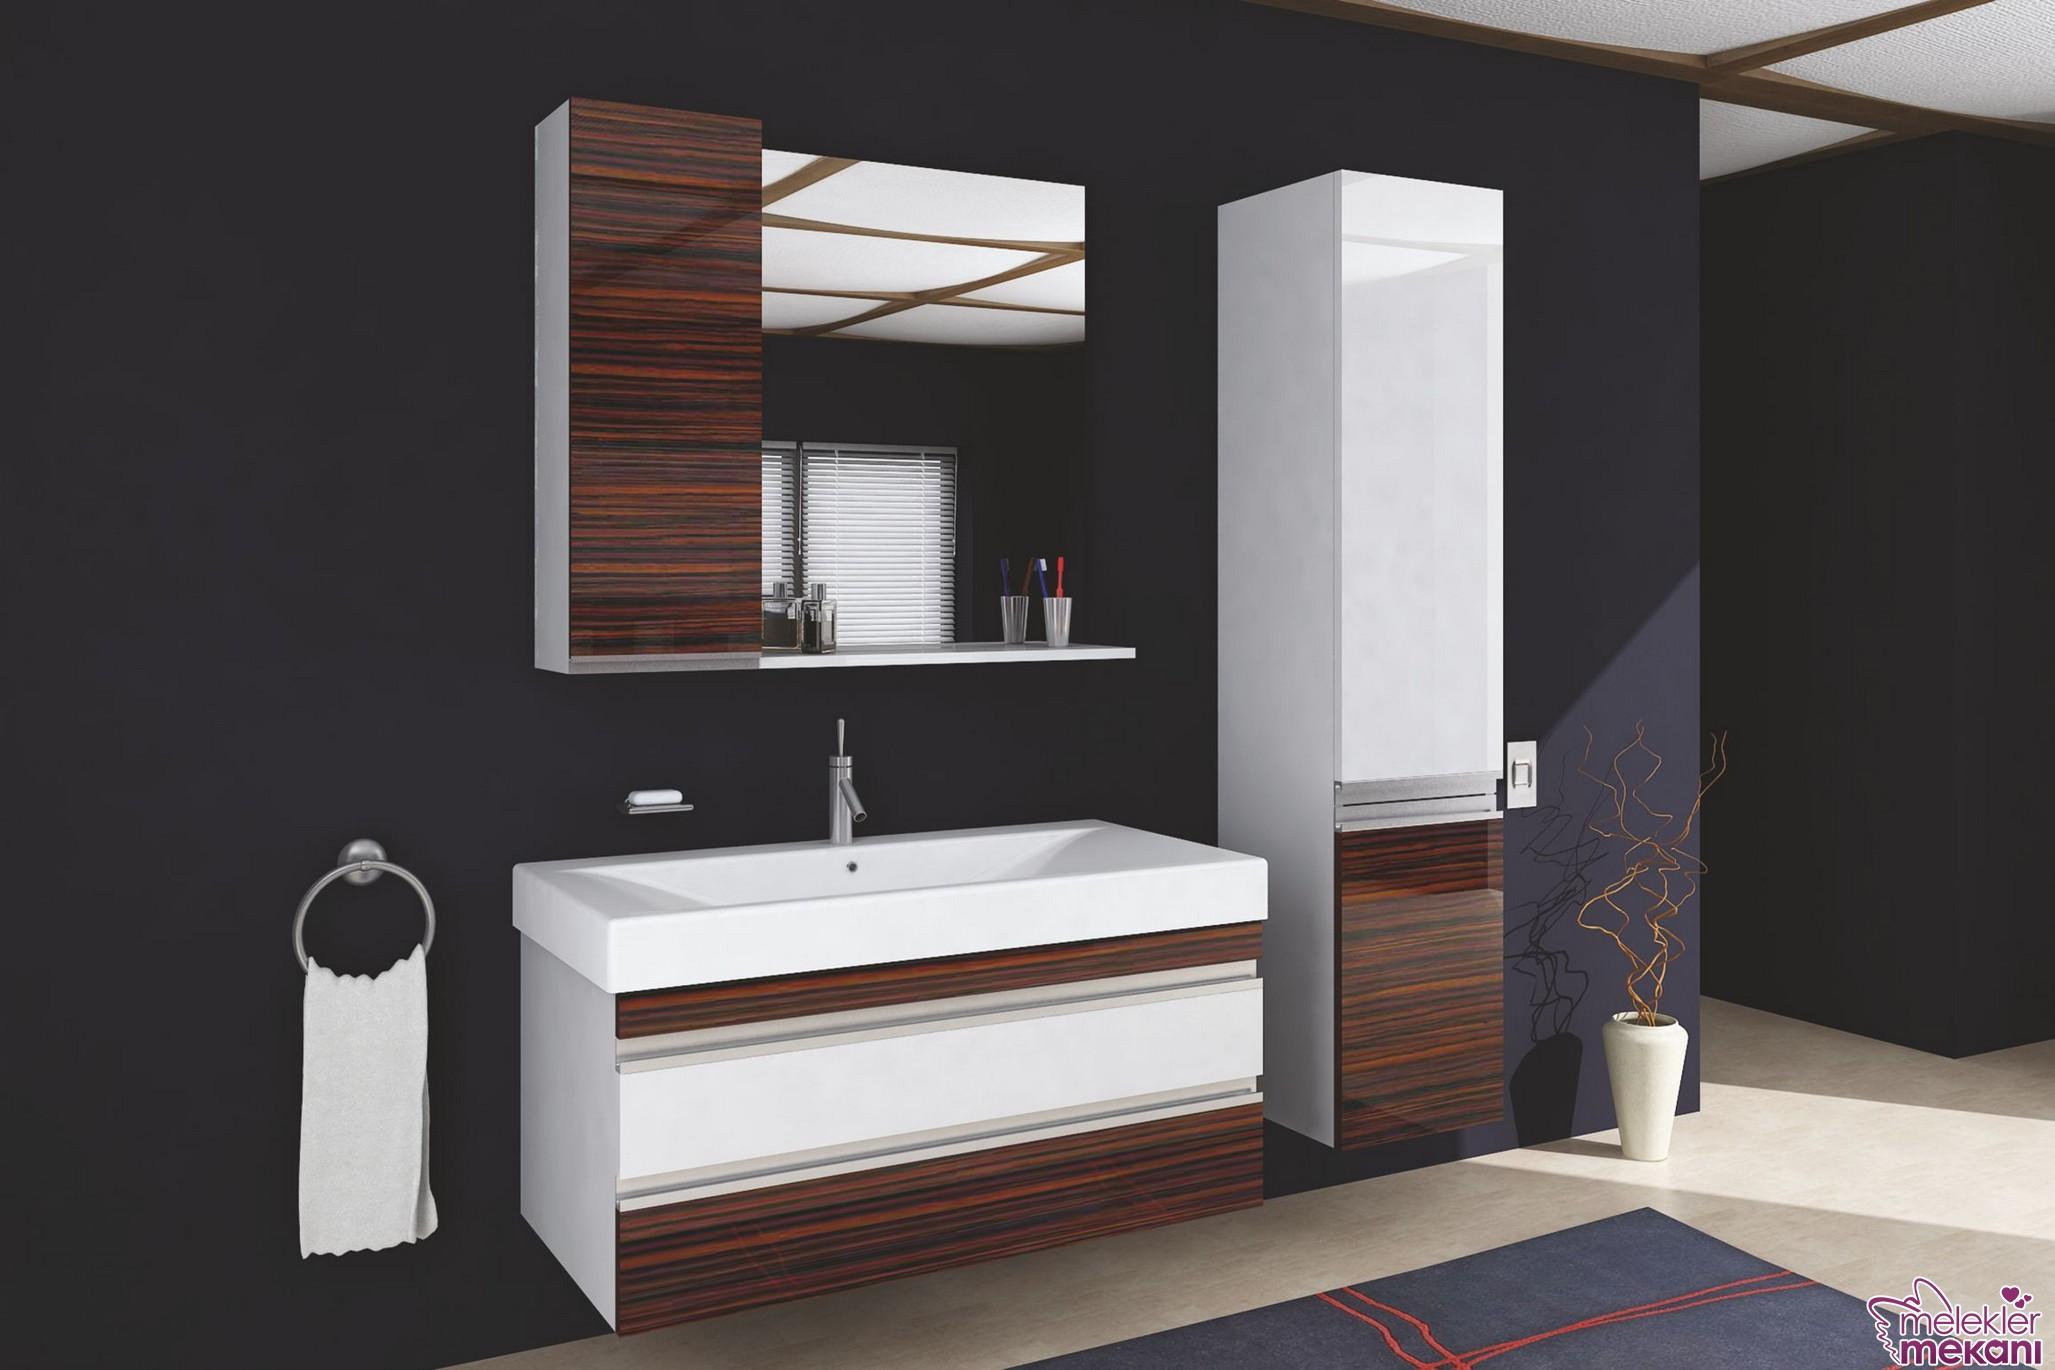 Vitra banyo dolabı modelleri ile banyolarınızı özelleştirebilirsiniz.